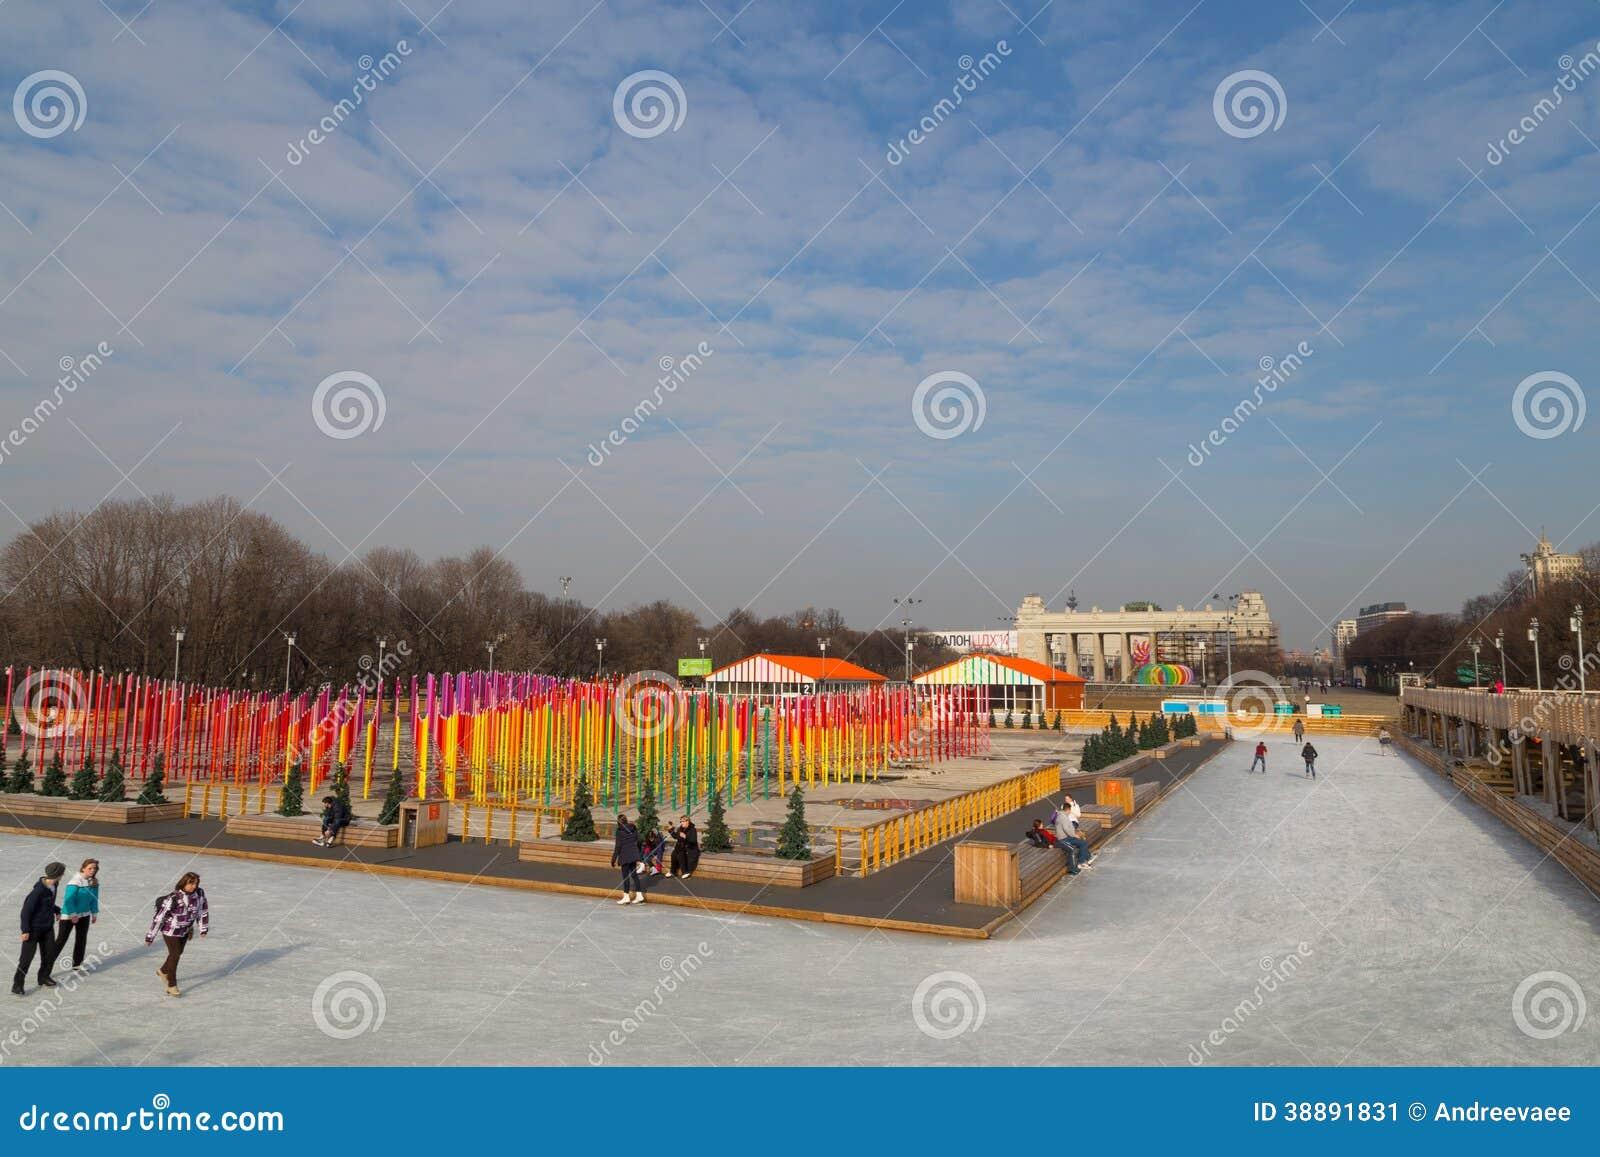 Skating rink in Gorky Park: photo and reviews